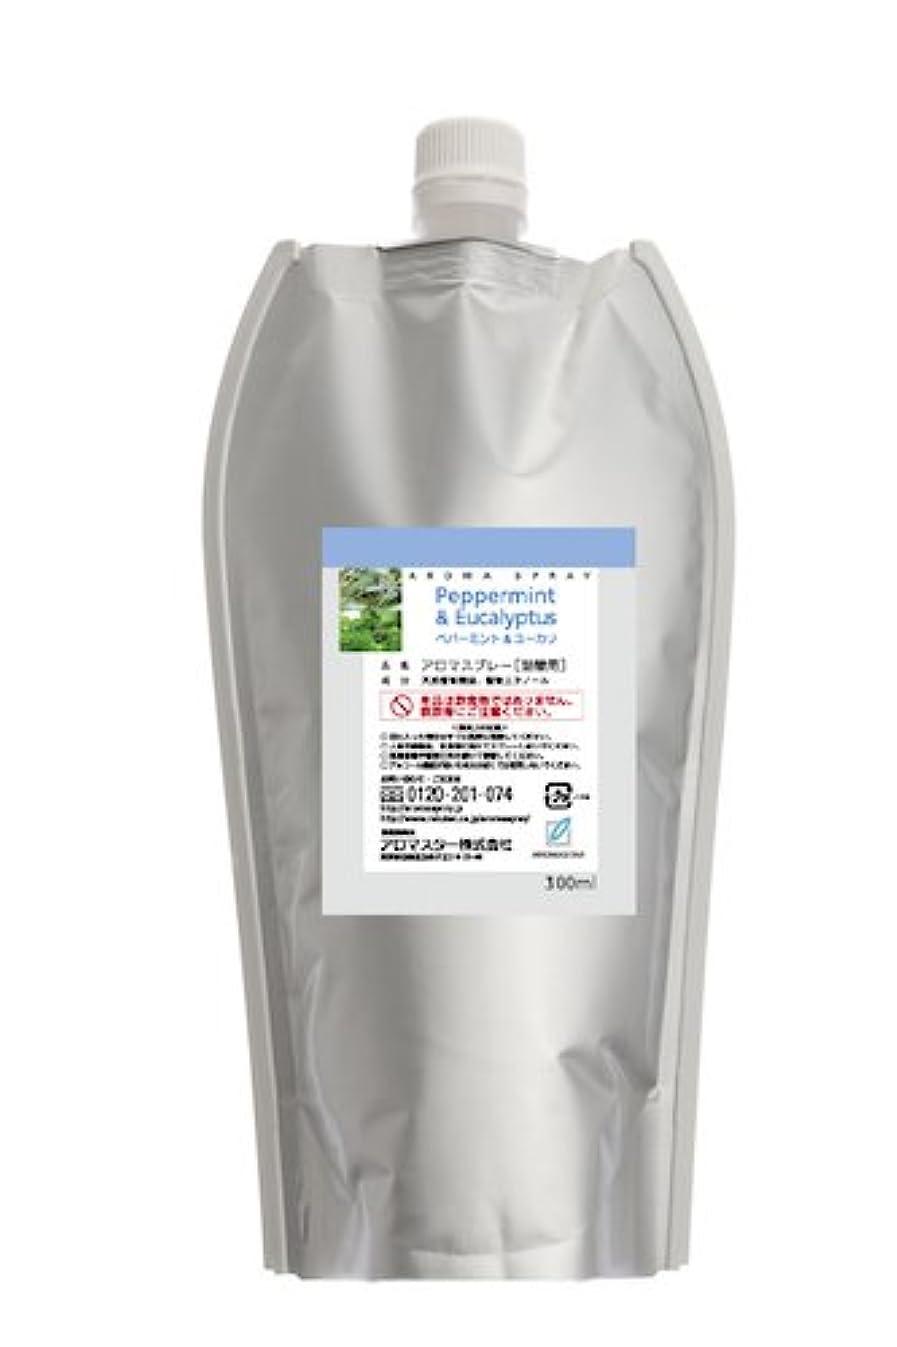 れる余計な実験的AROMASTAR(アロマスター) アロマスプレー ペパーミント&ユーカリ 300ml詰替用(エコパック)